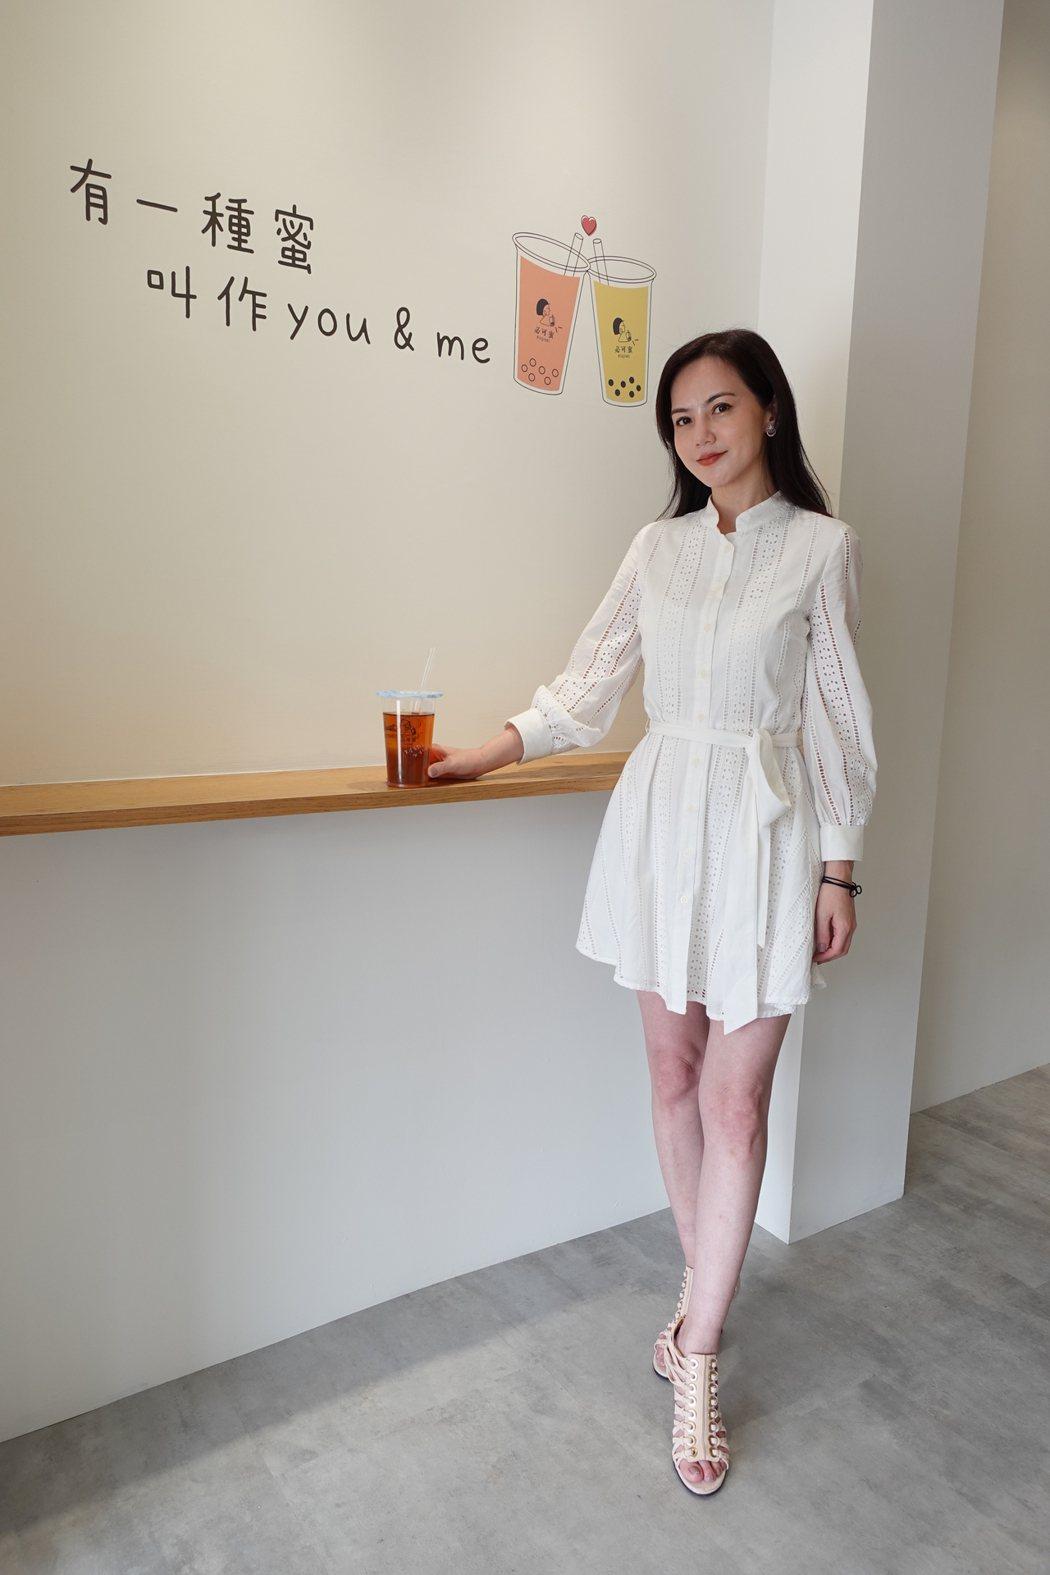 簡沛恩自創飲品品牌,生意愈做愈大。圖/必可蜜提供